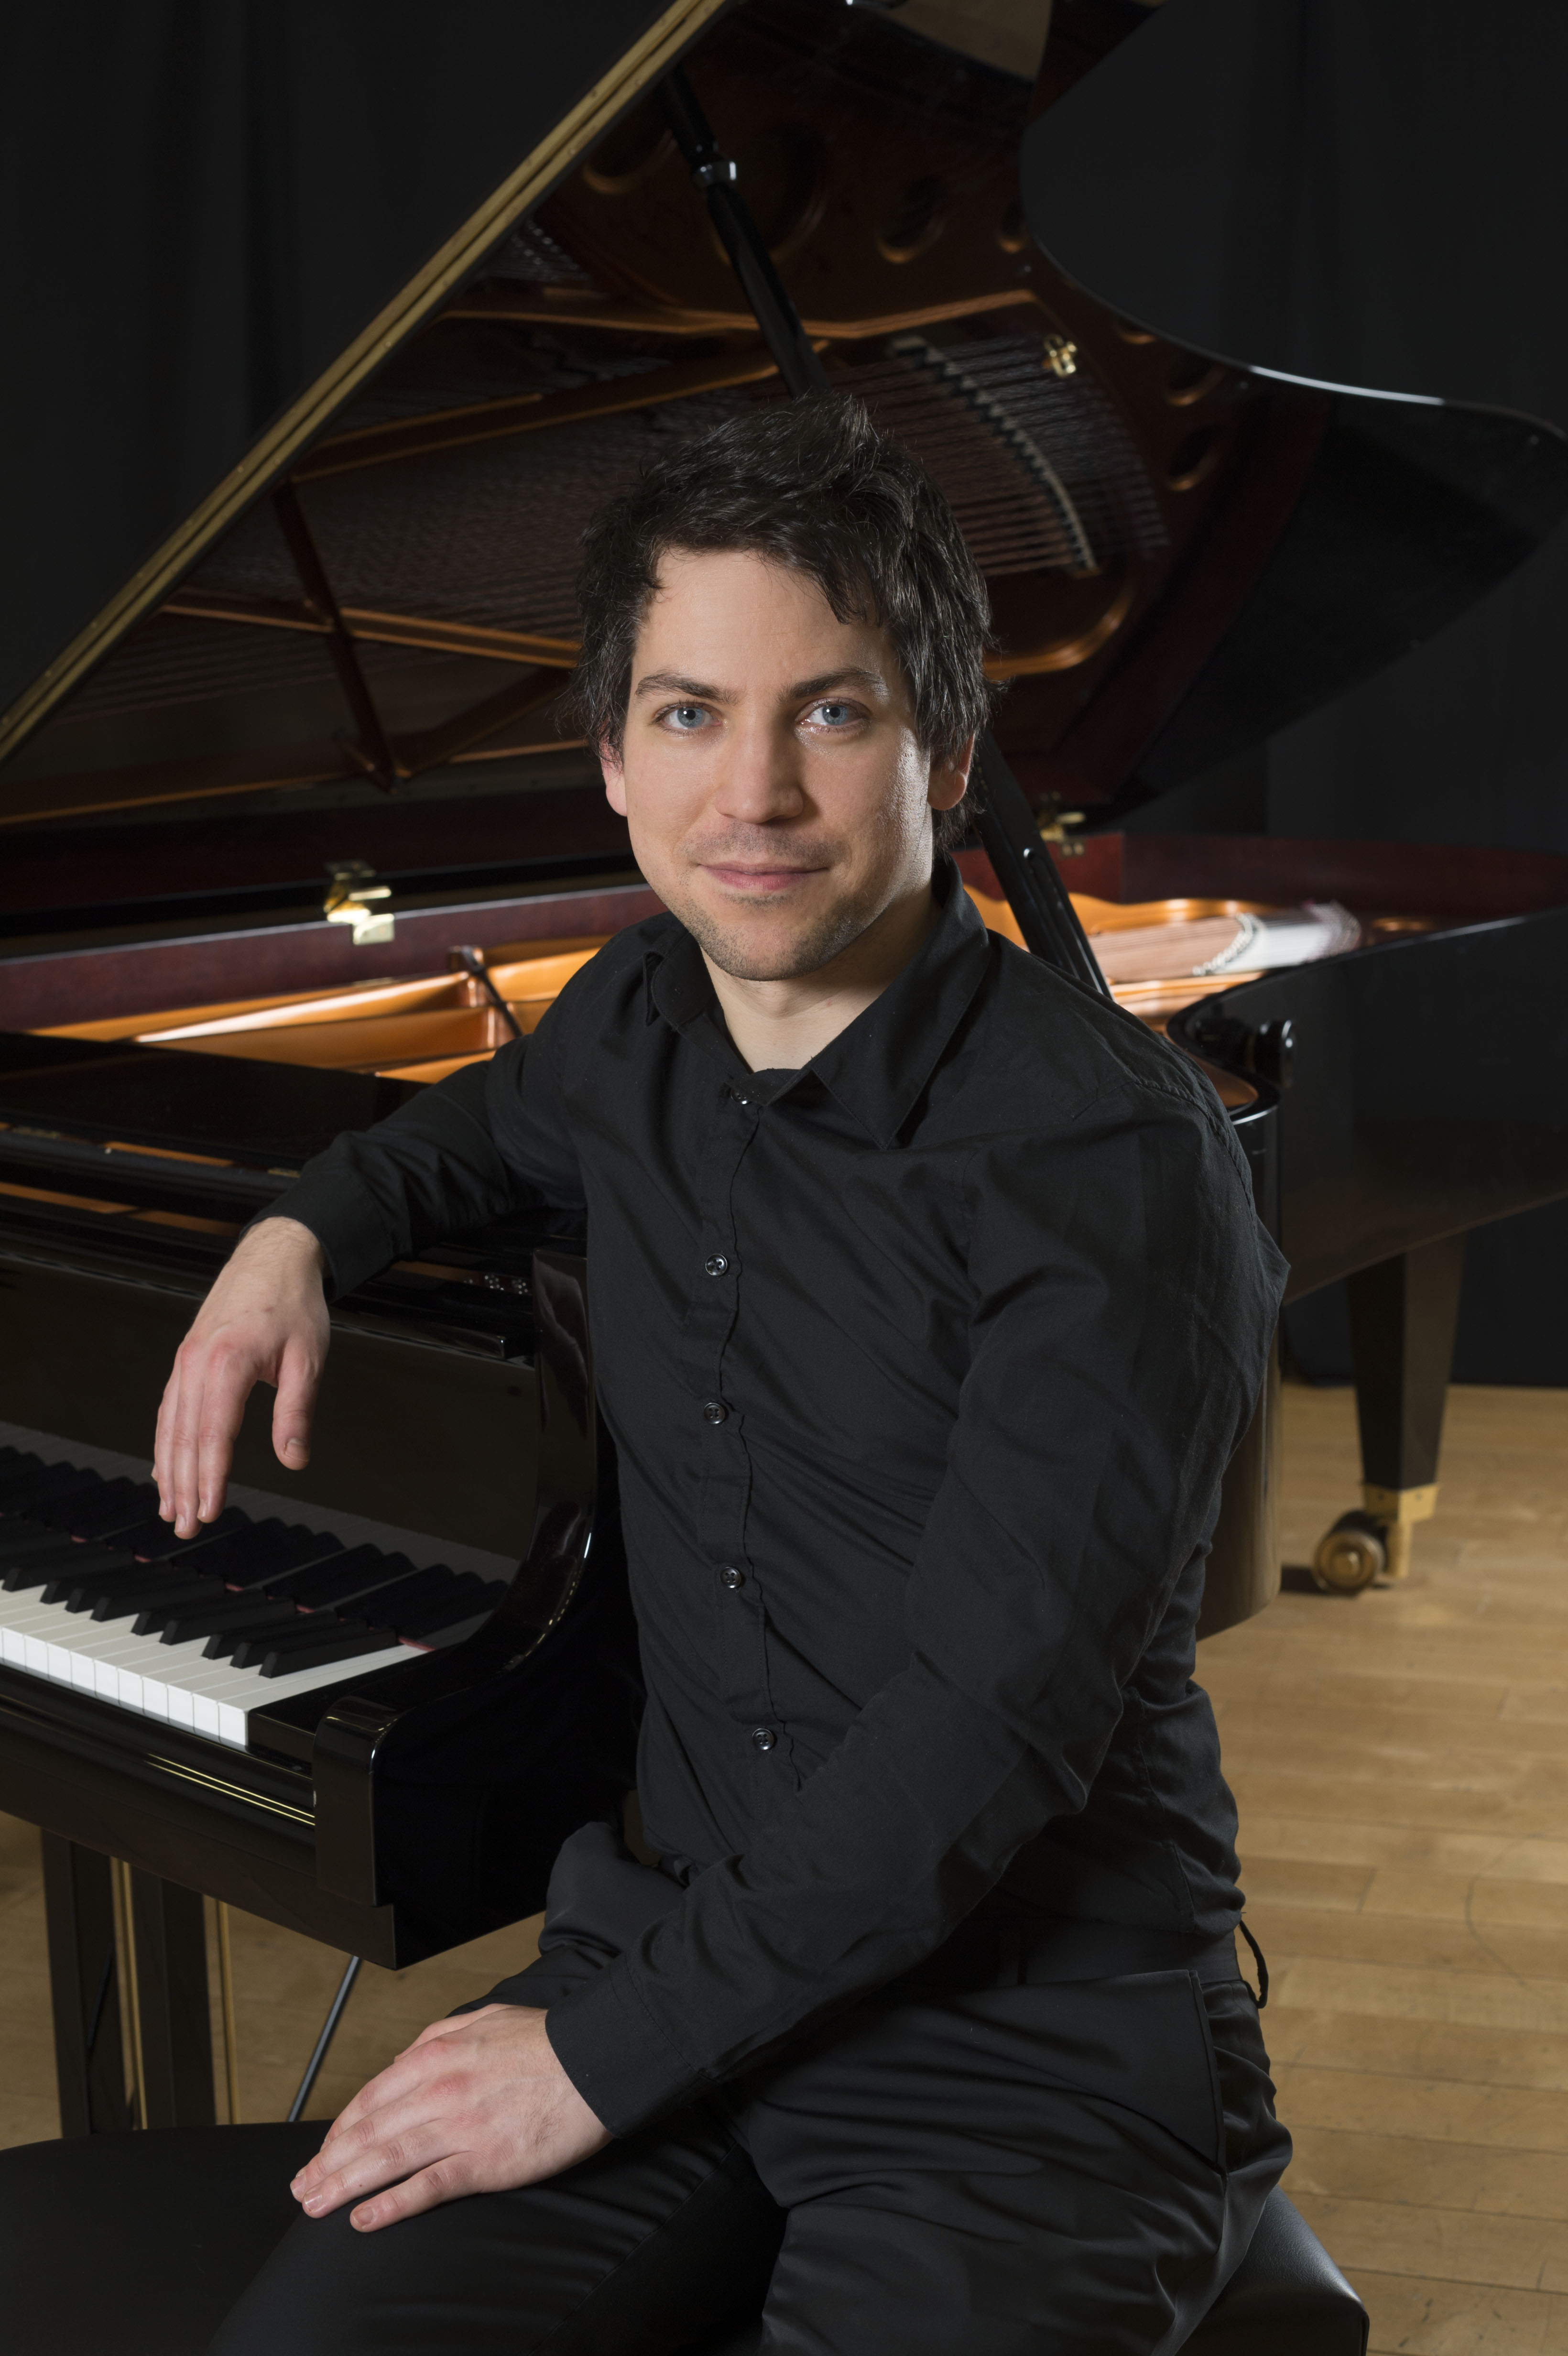 Benedek Horváth, first prize winner, Rahn Musikpreis 2016